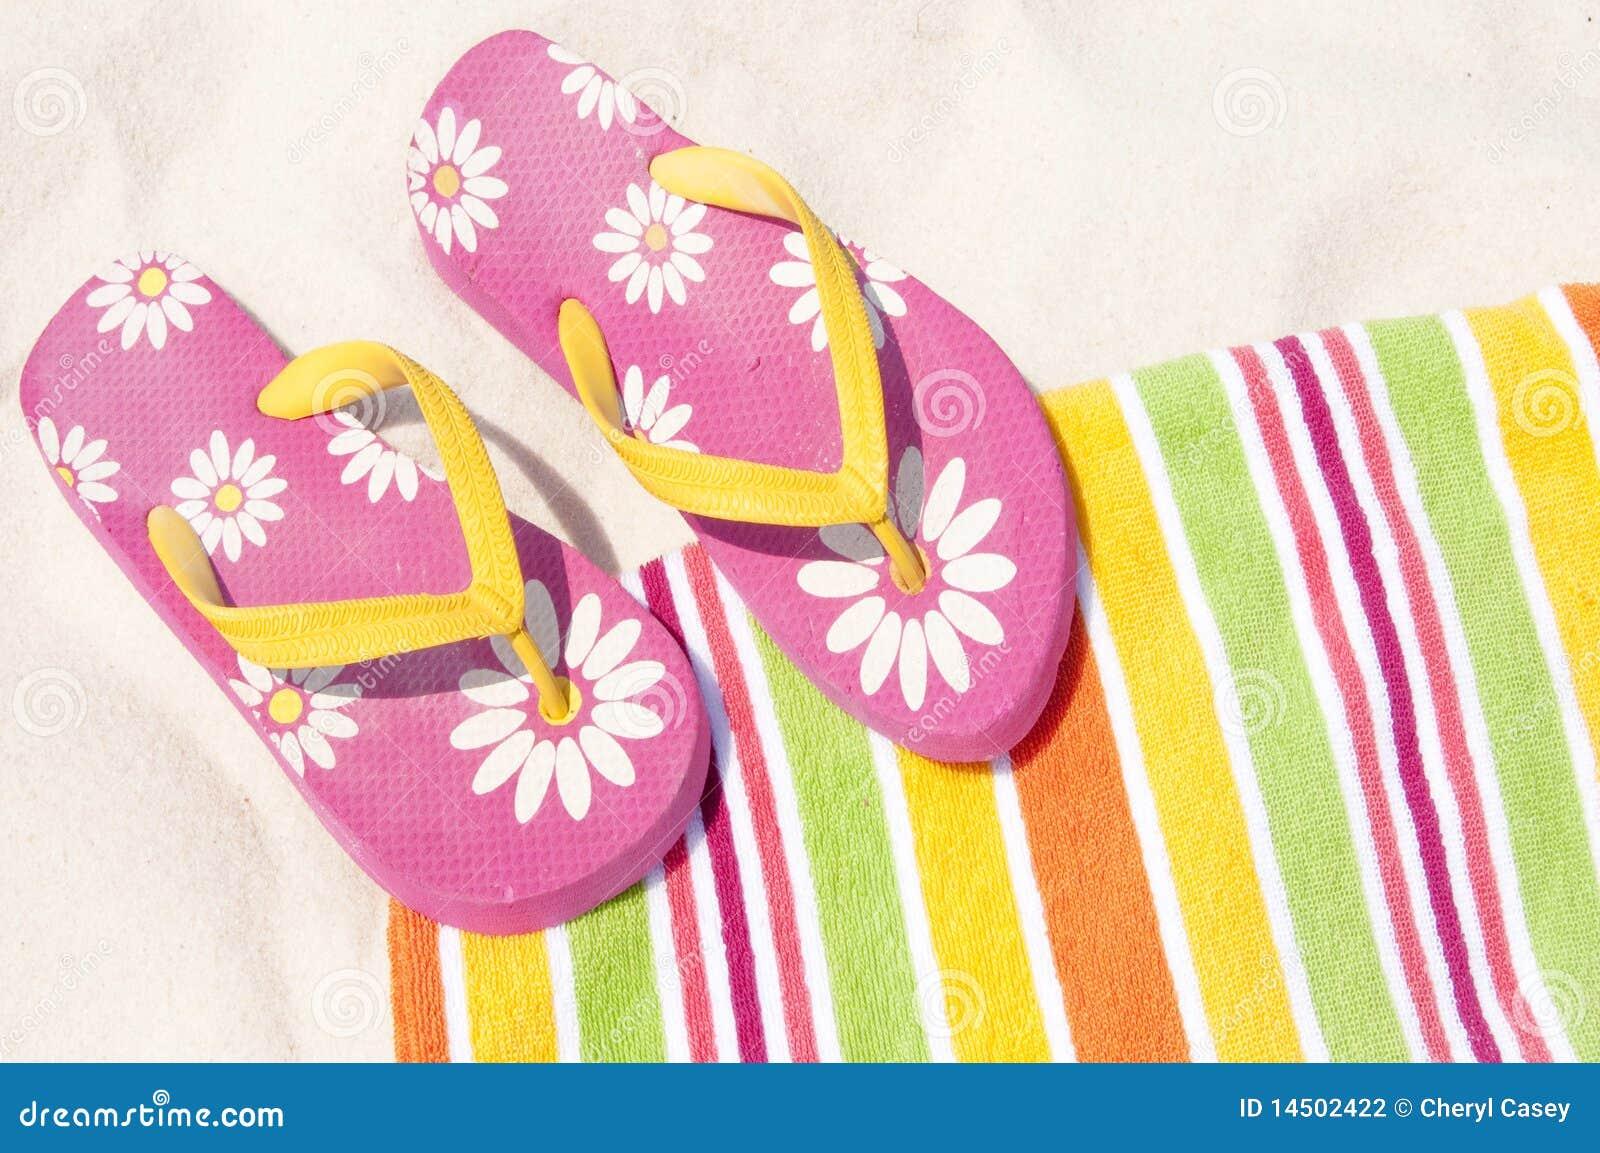 Flip flops on beach towel